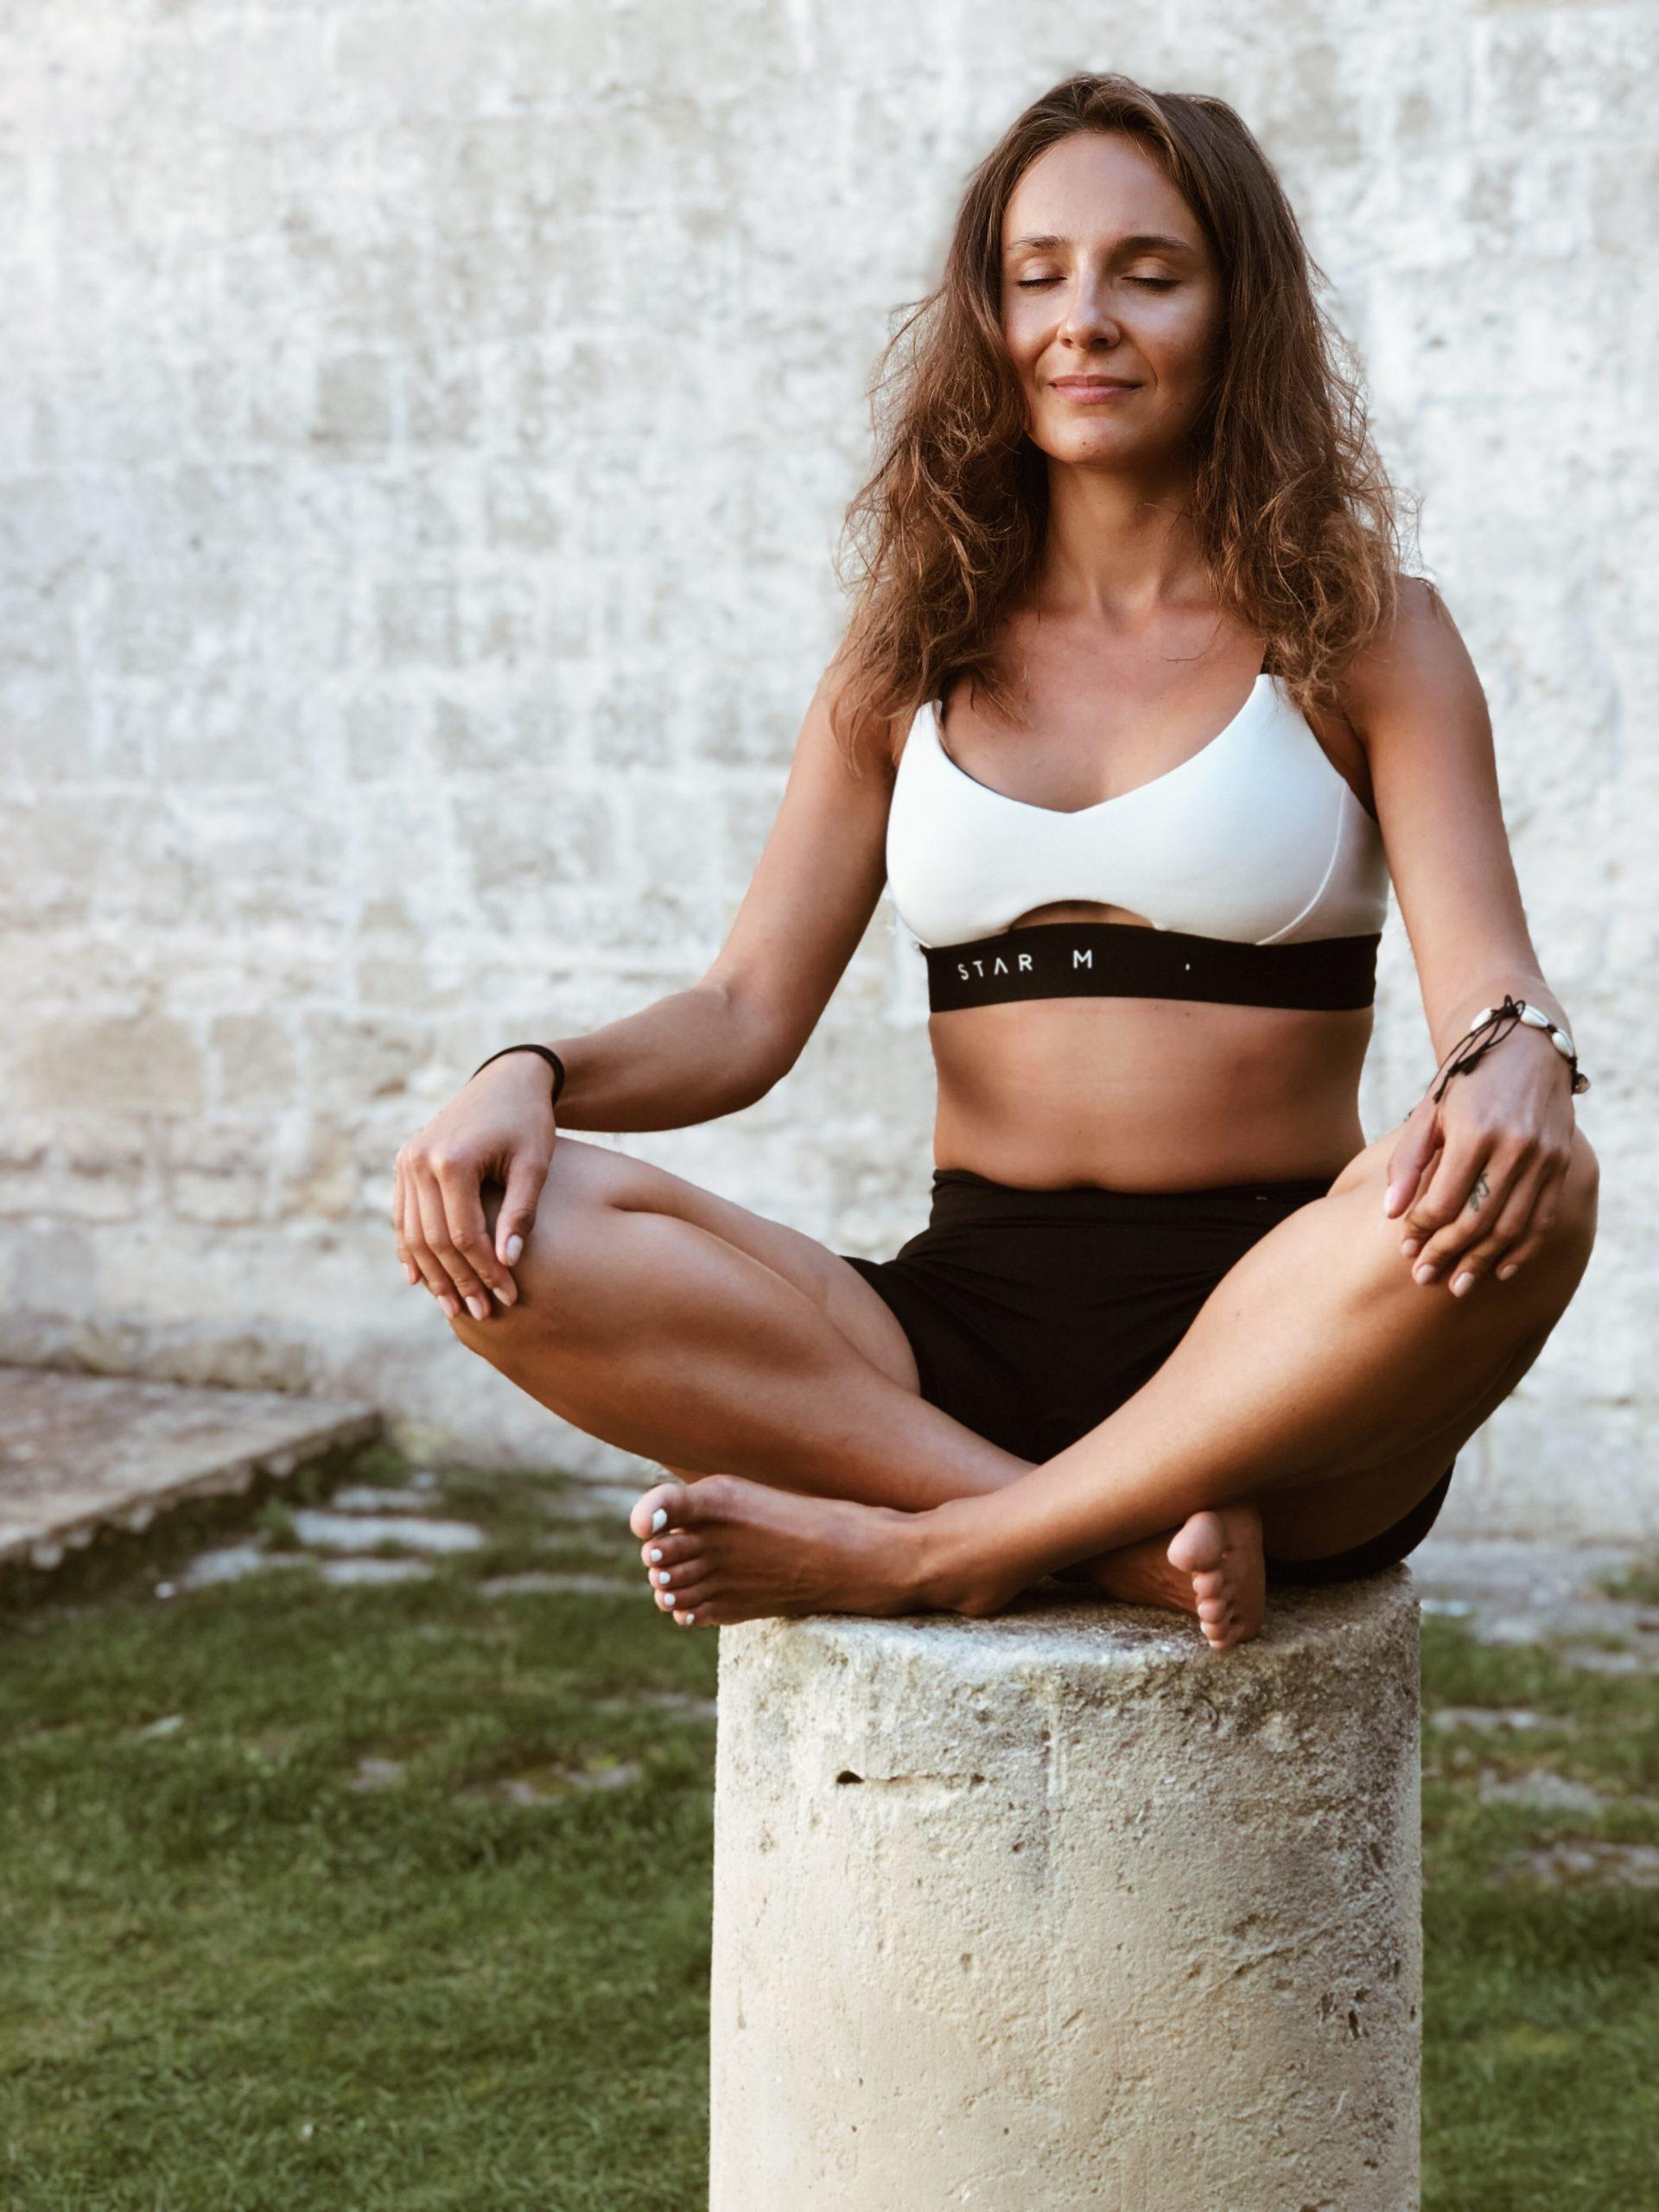 instruktorka jogi Ośrodka leczenia uzależnień Aleksandra Dul